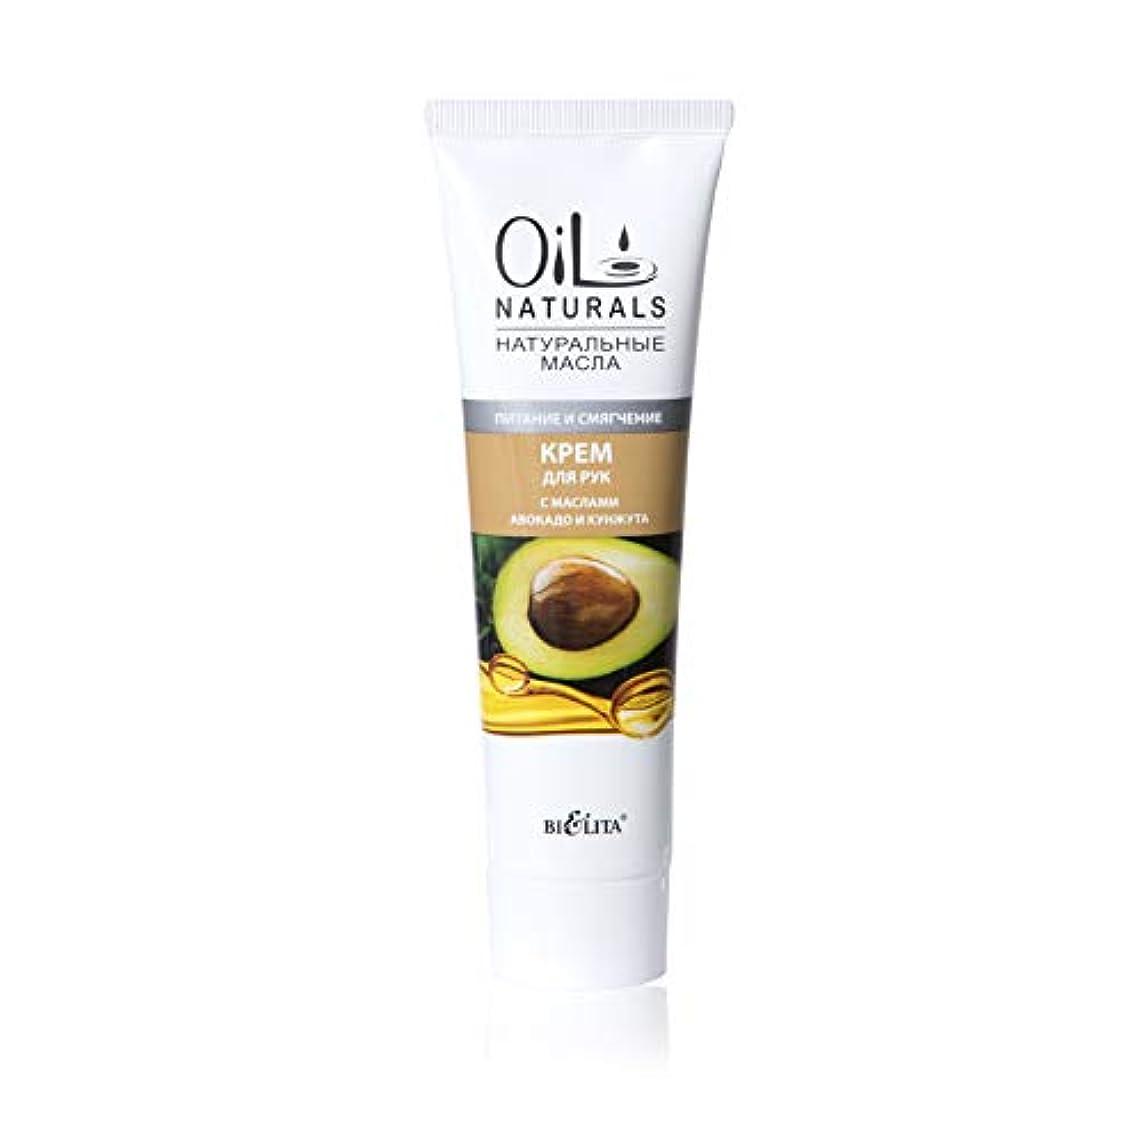 恩恵苦しめるキャロラインBielita & Vitex Oil Naturals Line | Nutrition & Softening Hand Cream, 100 ml | Avocado Oil, Silk Proteins, Sesame...